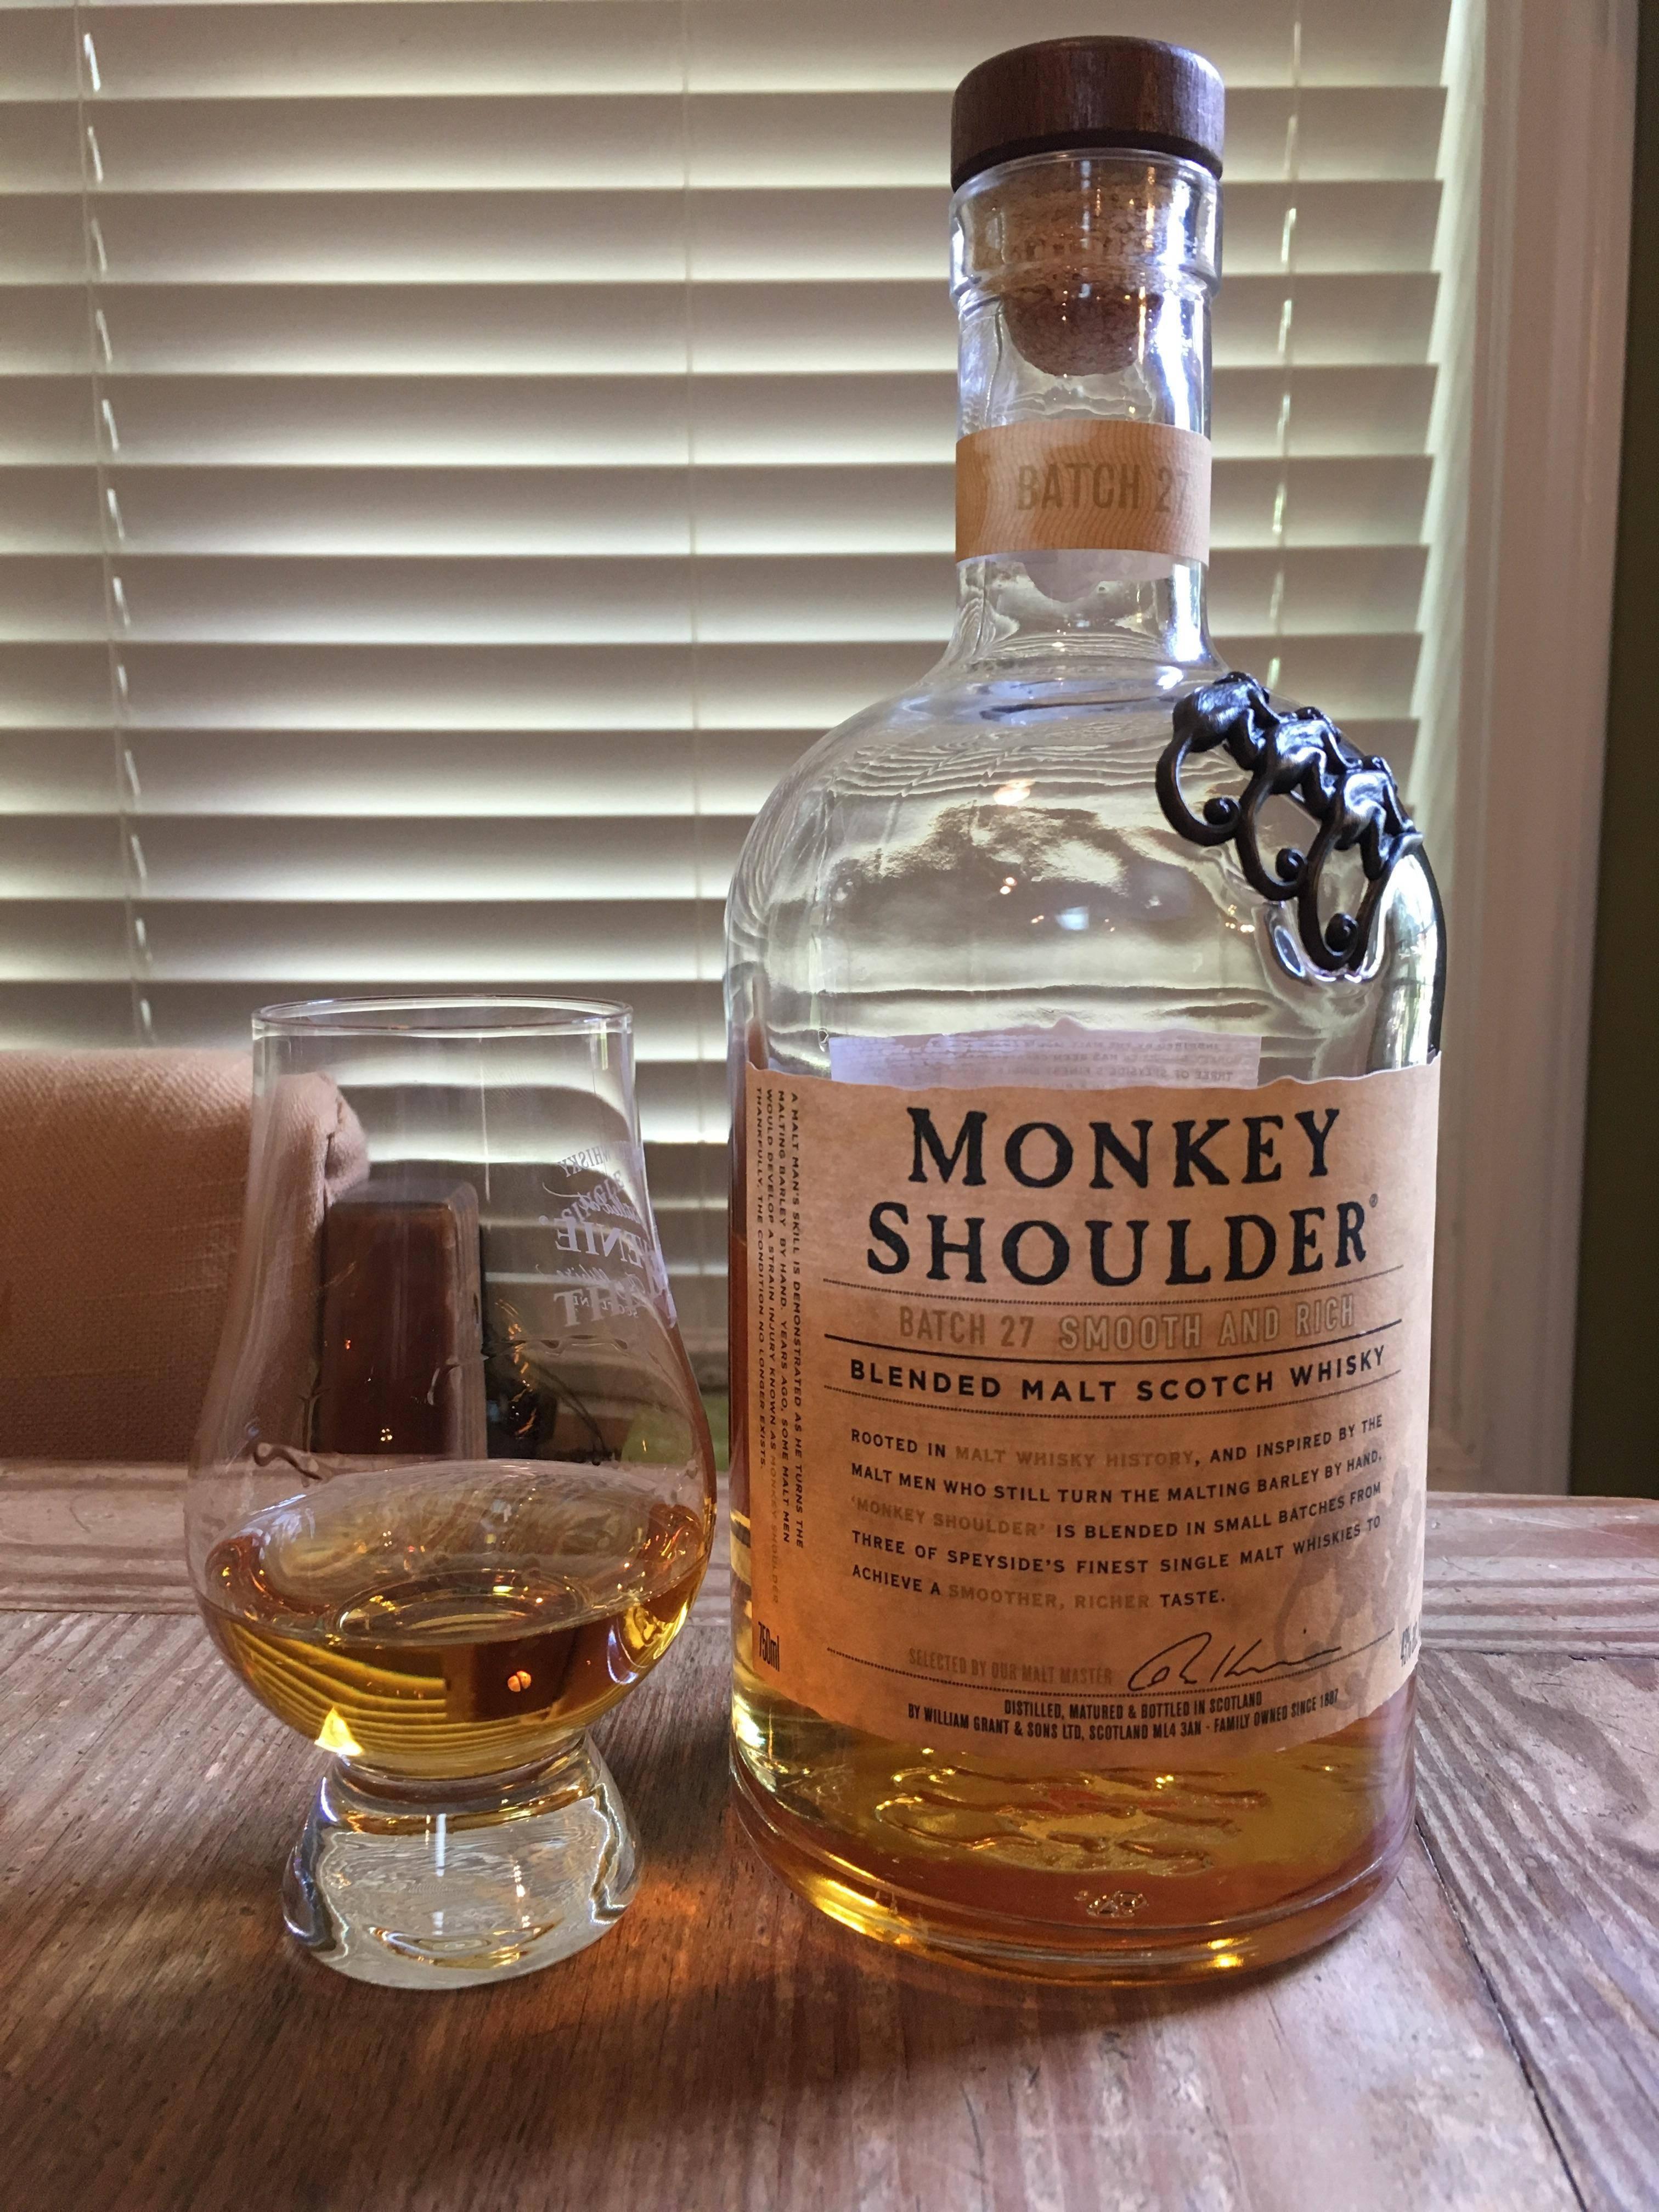 Виски «monkey shoulder»: характеристики, история происхождения и цена